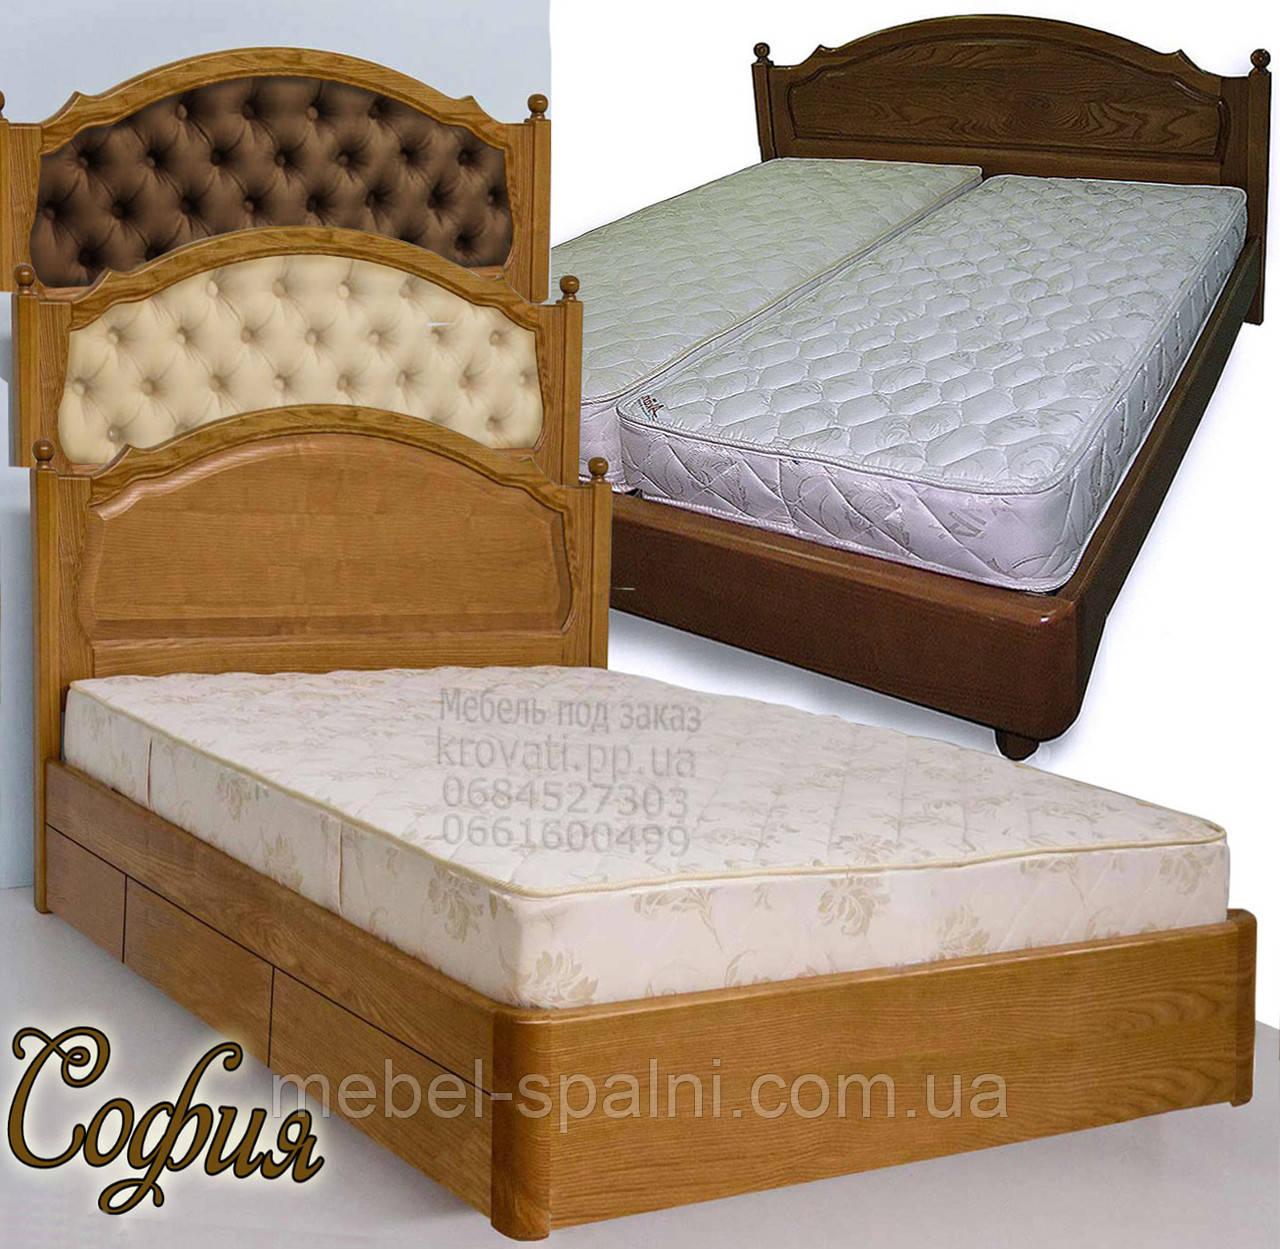 Кровать односпальная «София»